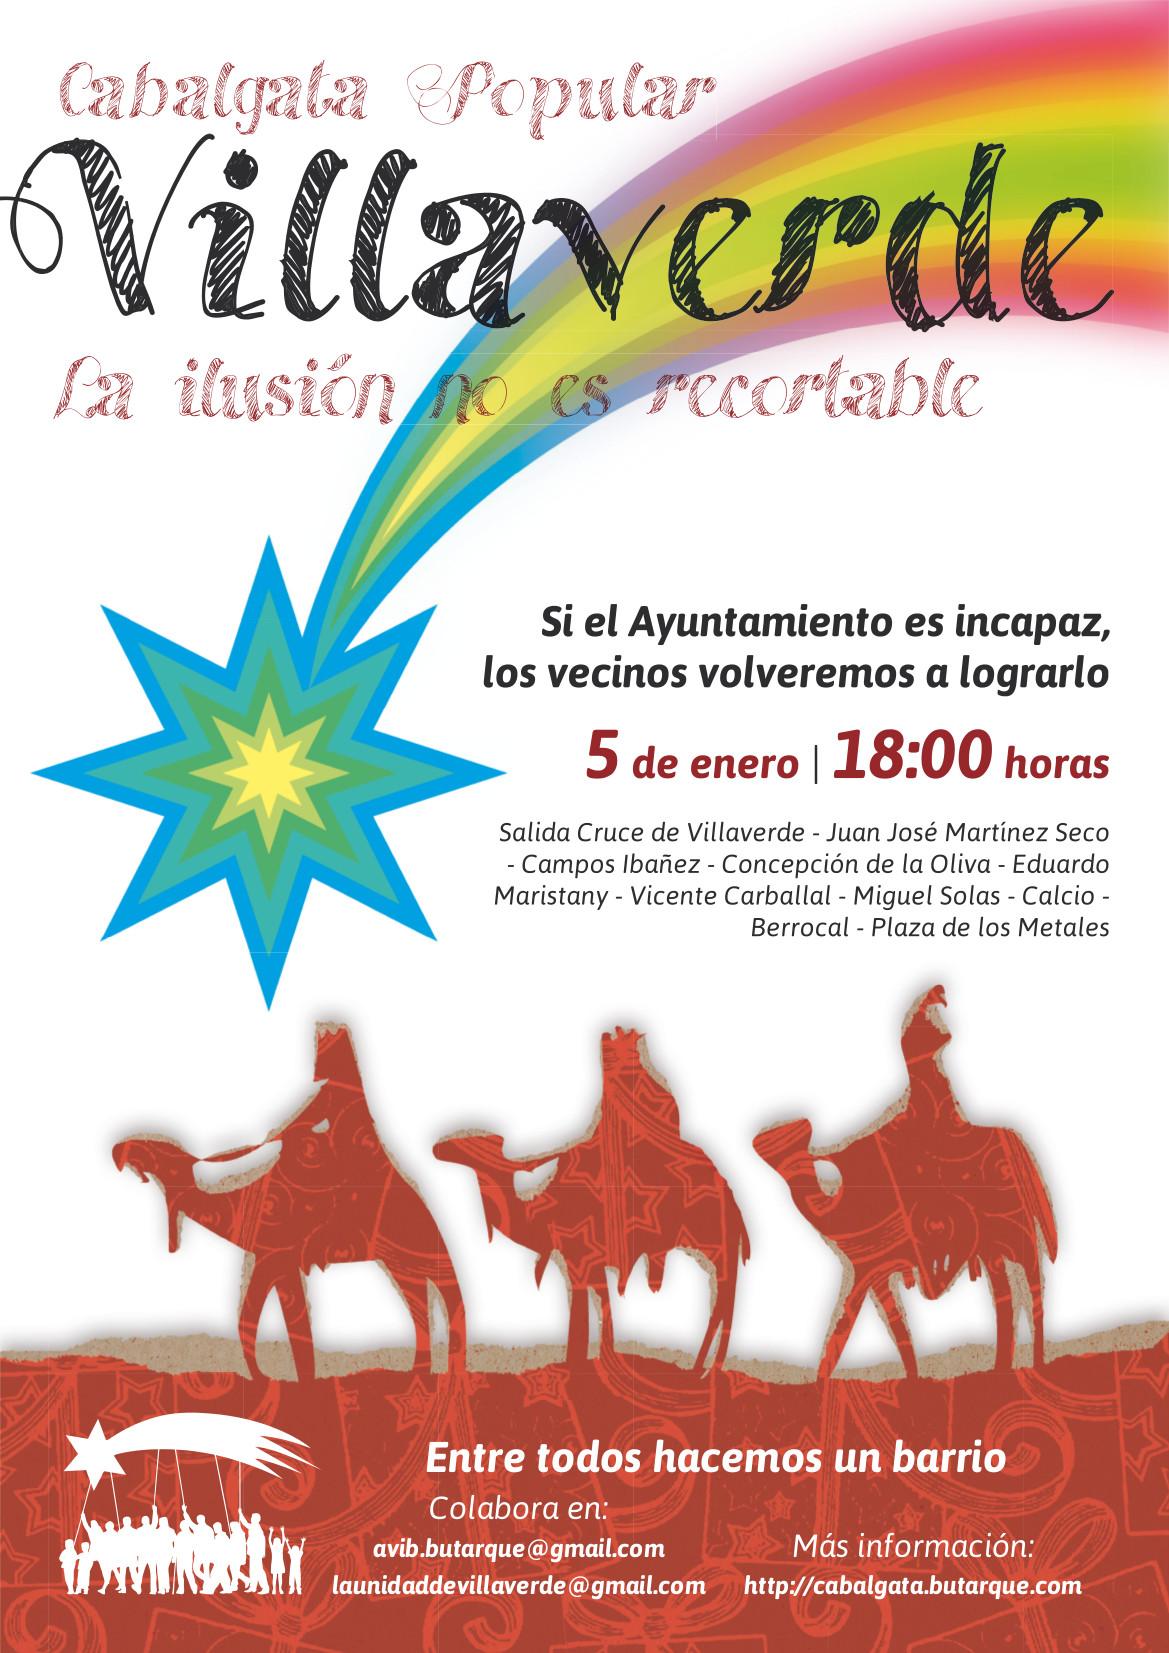 Así será la Cabalgata Popular de Villaverde 2015